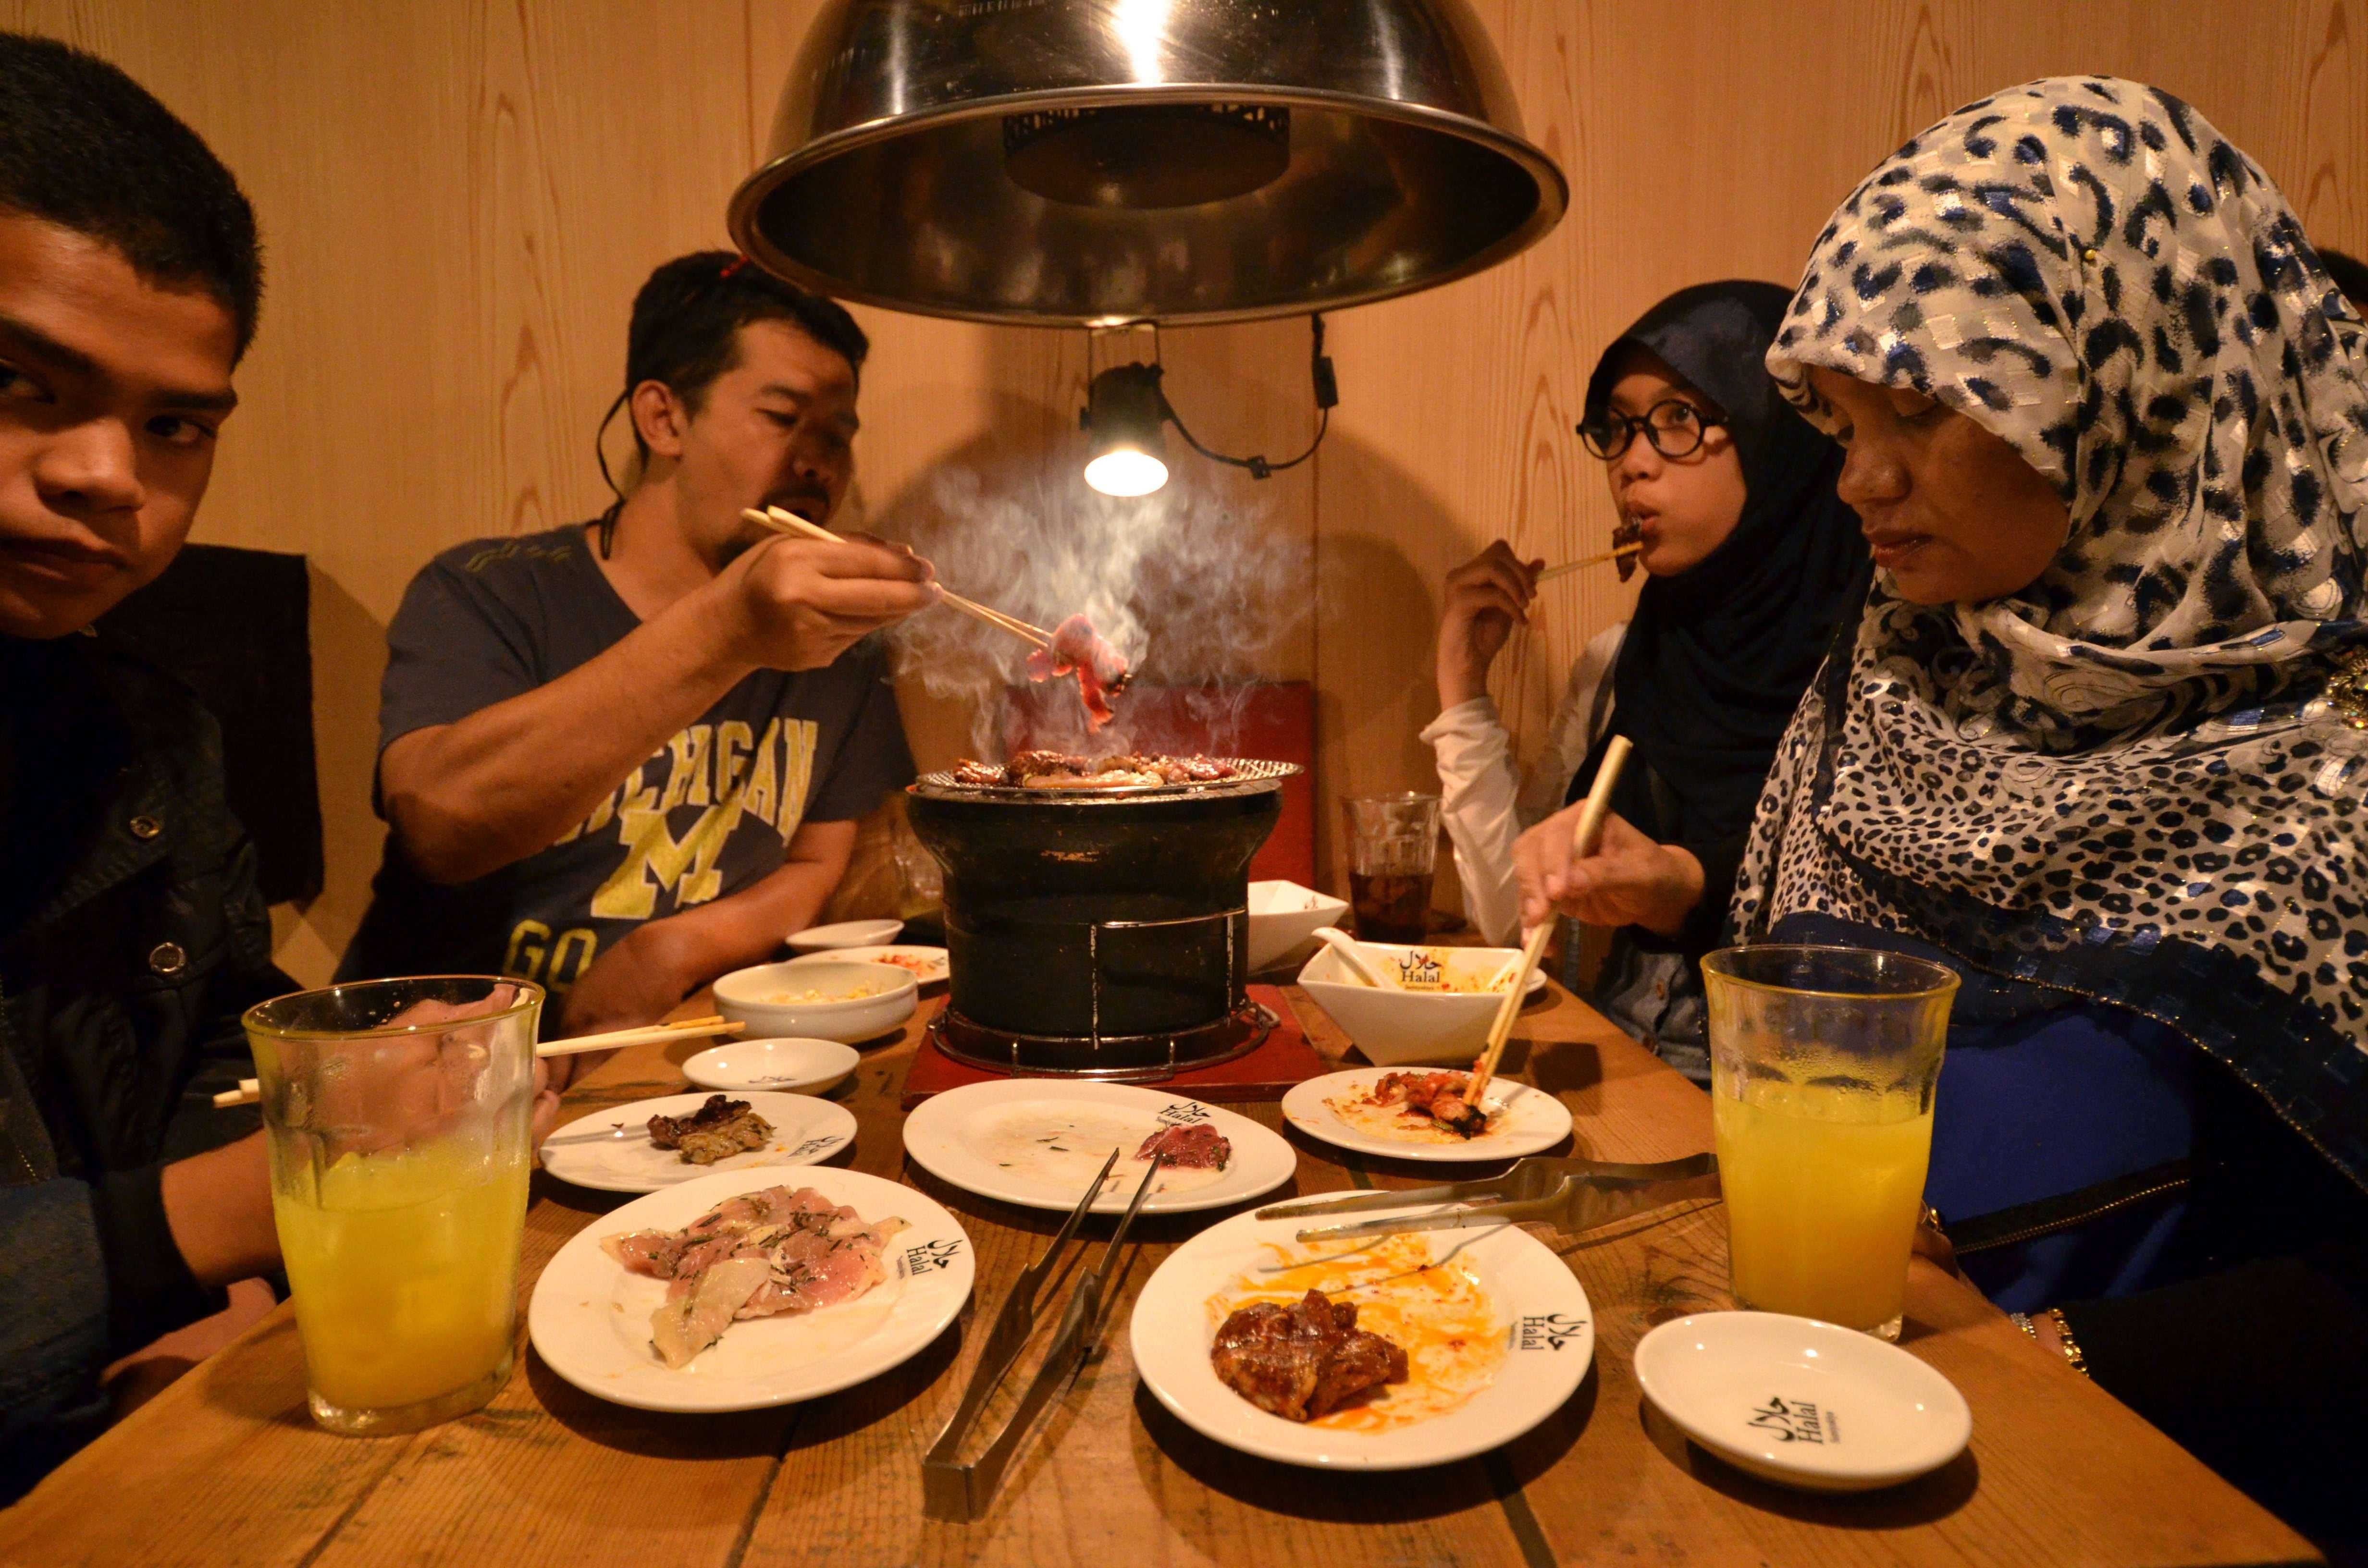 halal japan اليابان حلال